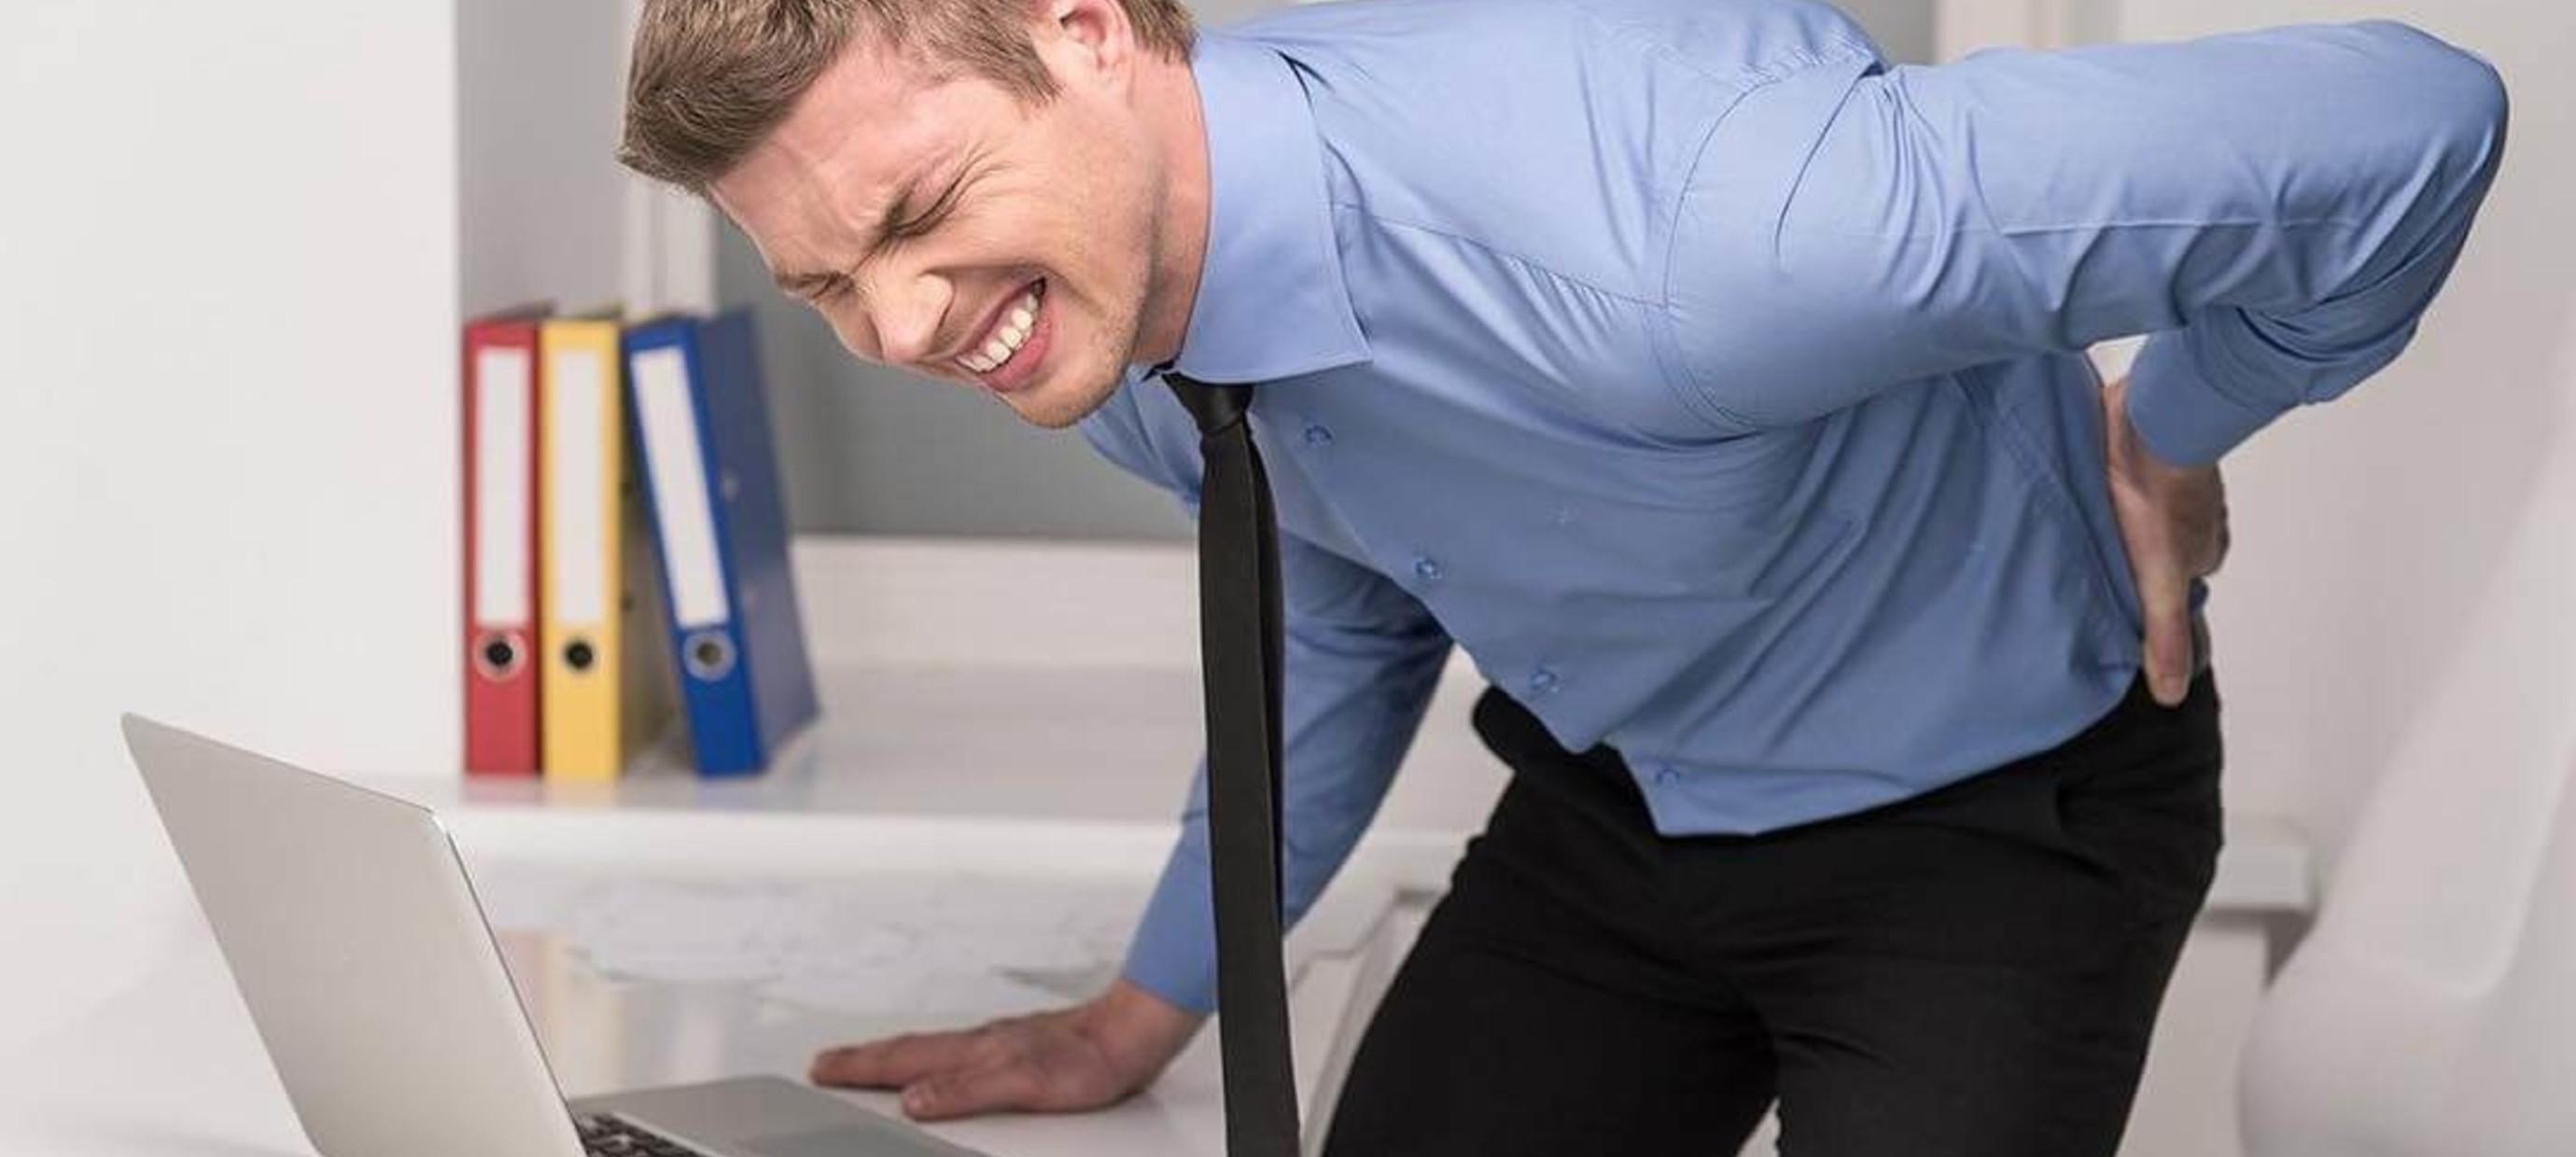 Los fisioterapeutas ven un aumento en el número de quejas de los trabajadores a domicilio.